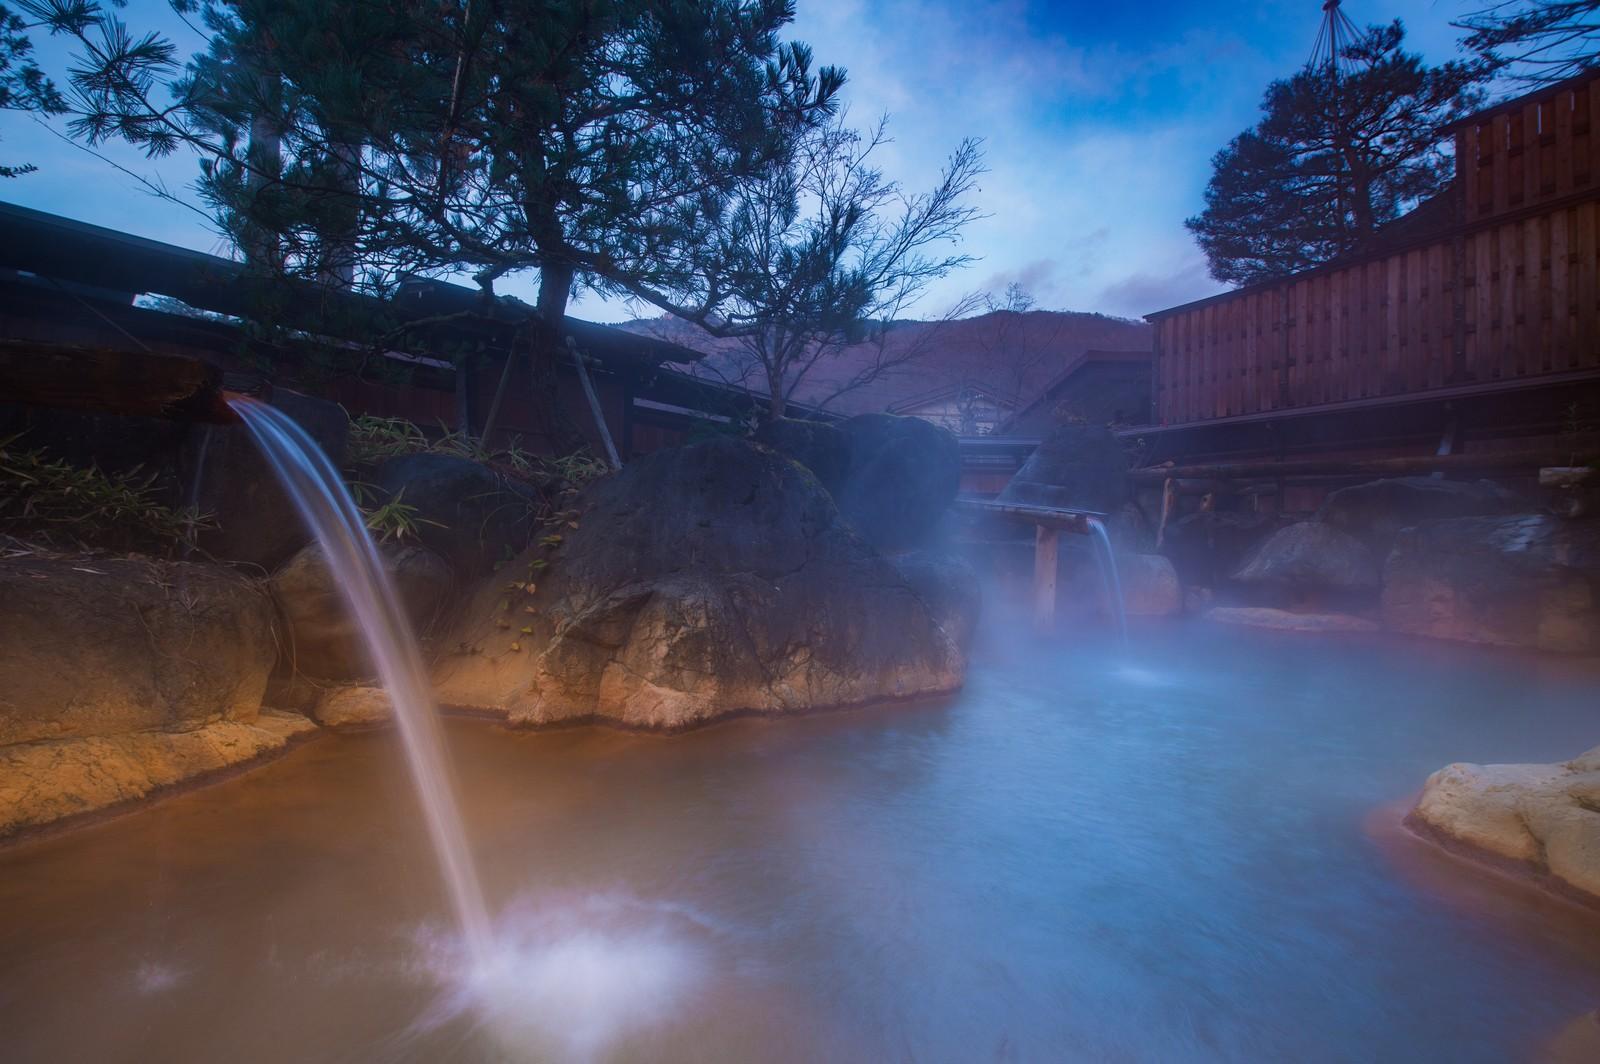 阿蘇の温泉ランキングおすすめTOP11!客室露天風呂が人気のホテルもあり!